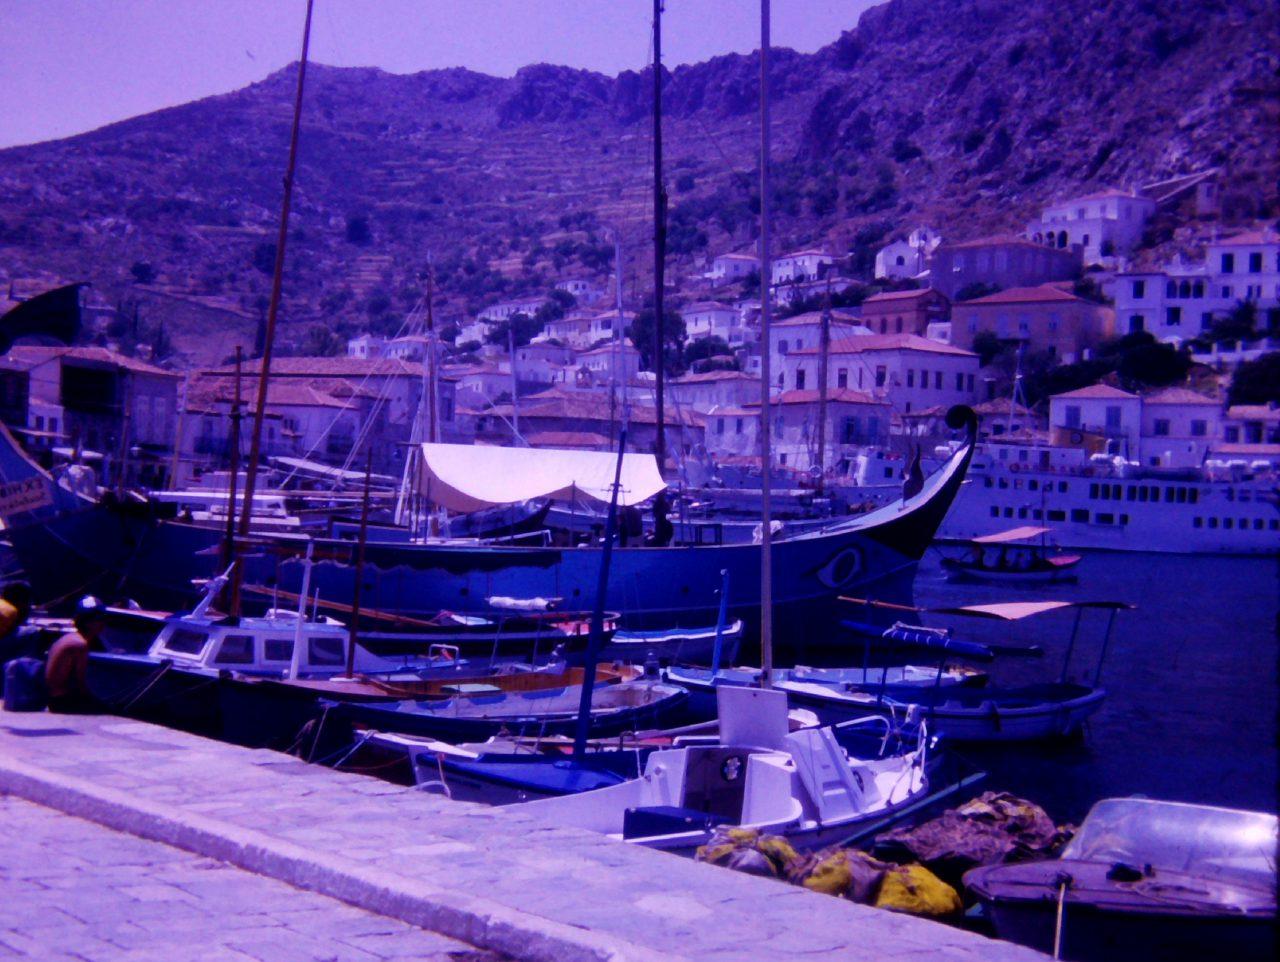 Hafen auf Kreta, aus Familienbesitz, kasaan media, 2019